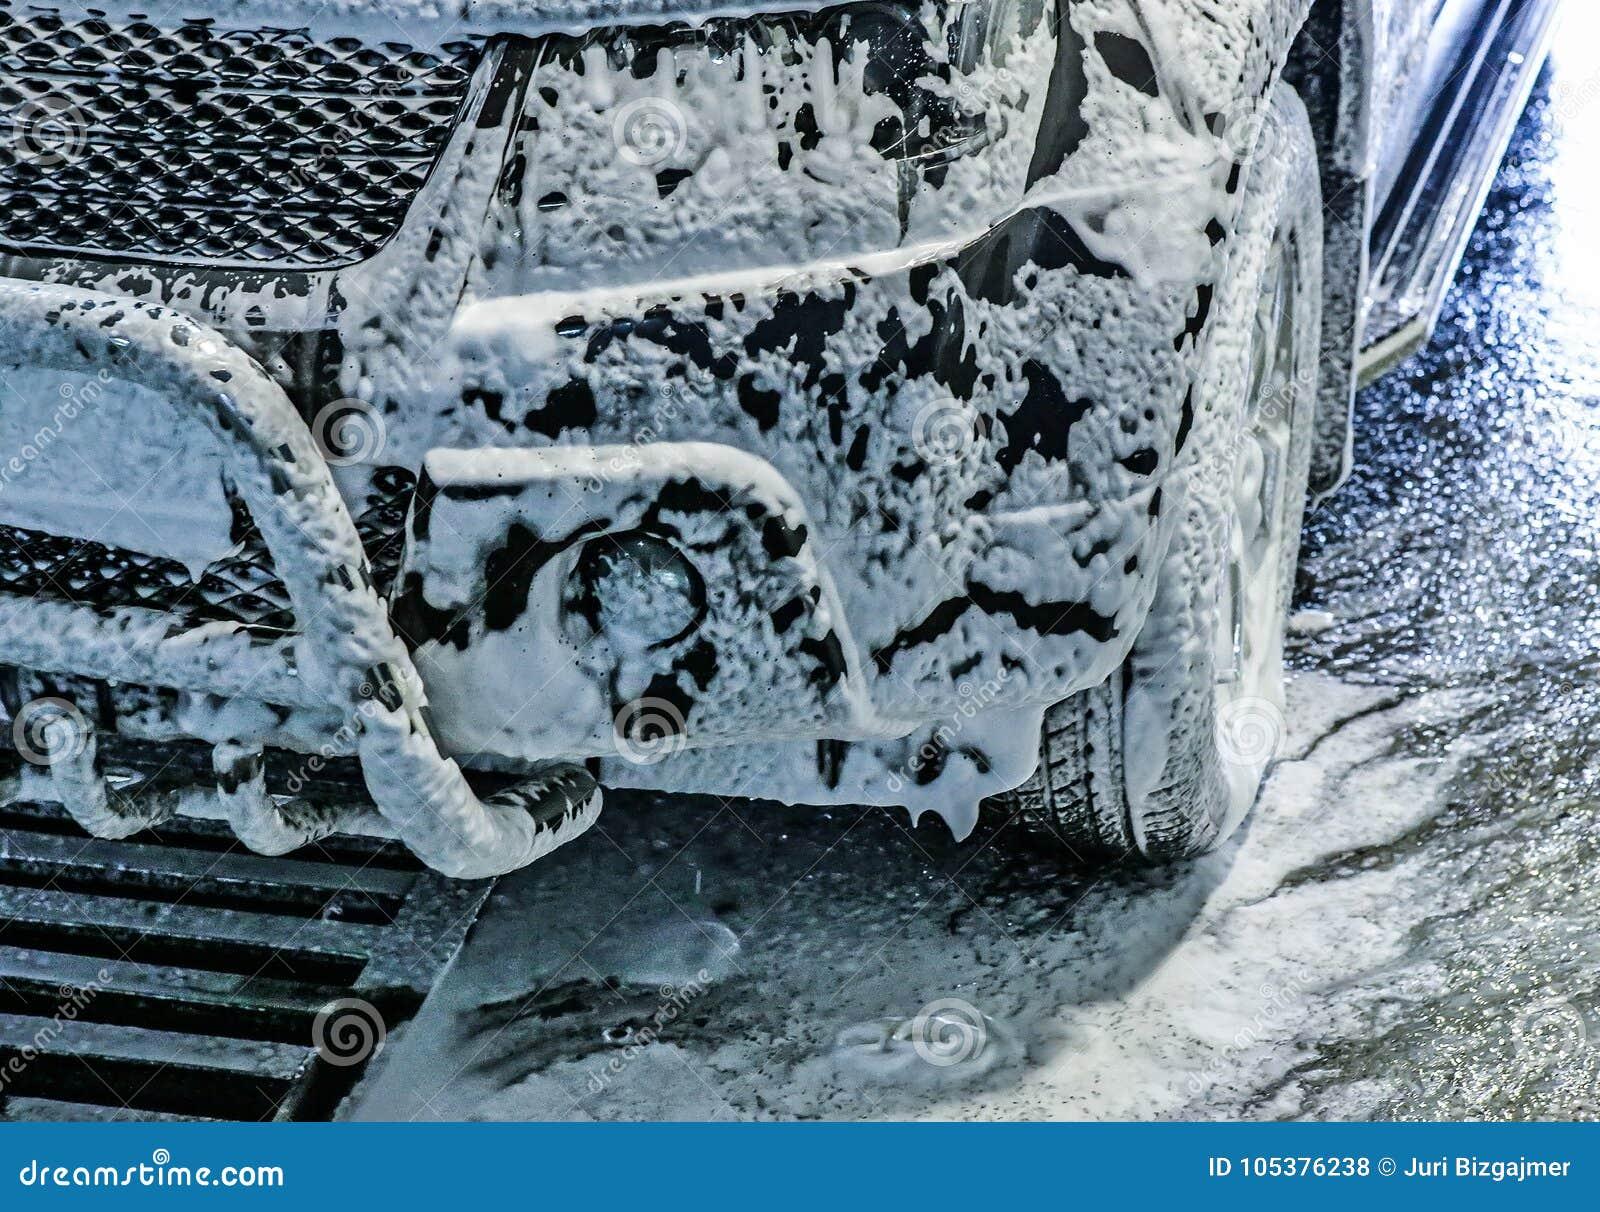 Bil på biltvätt